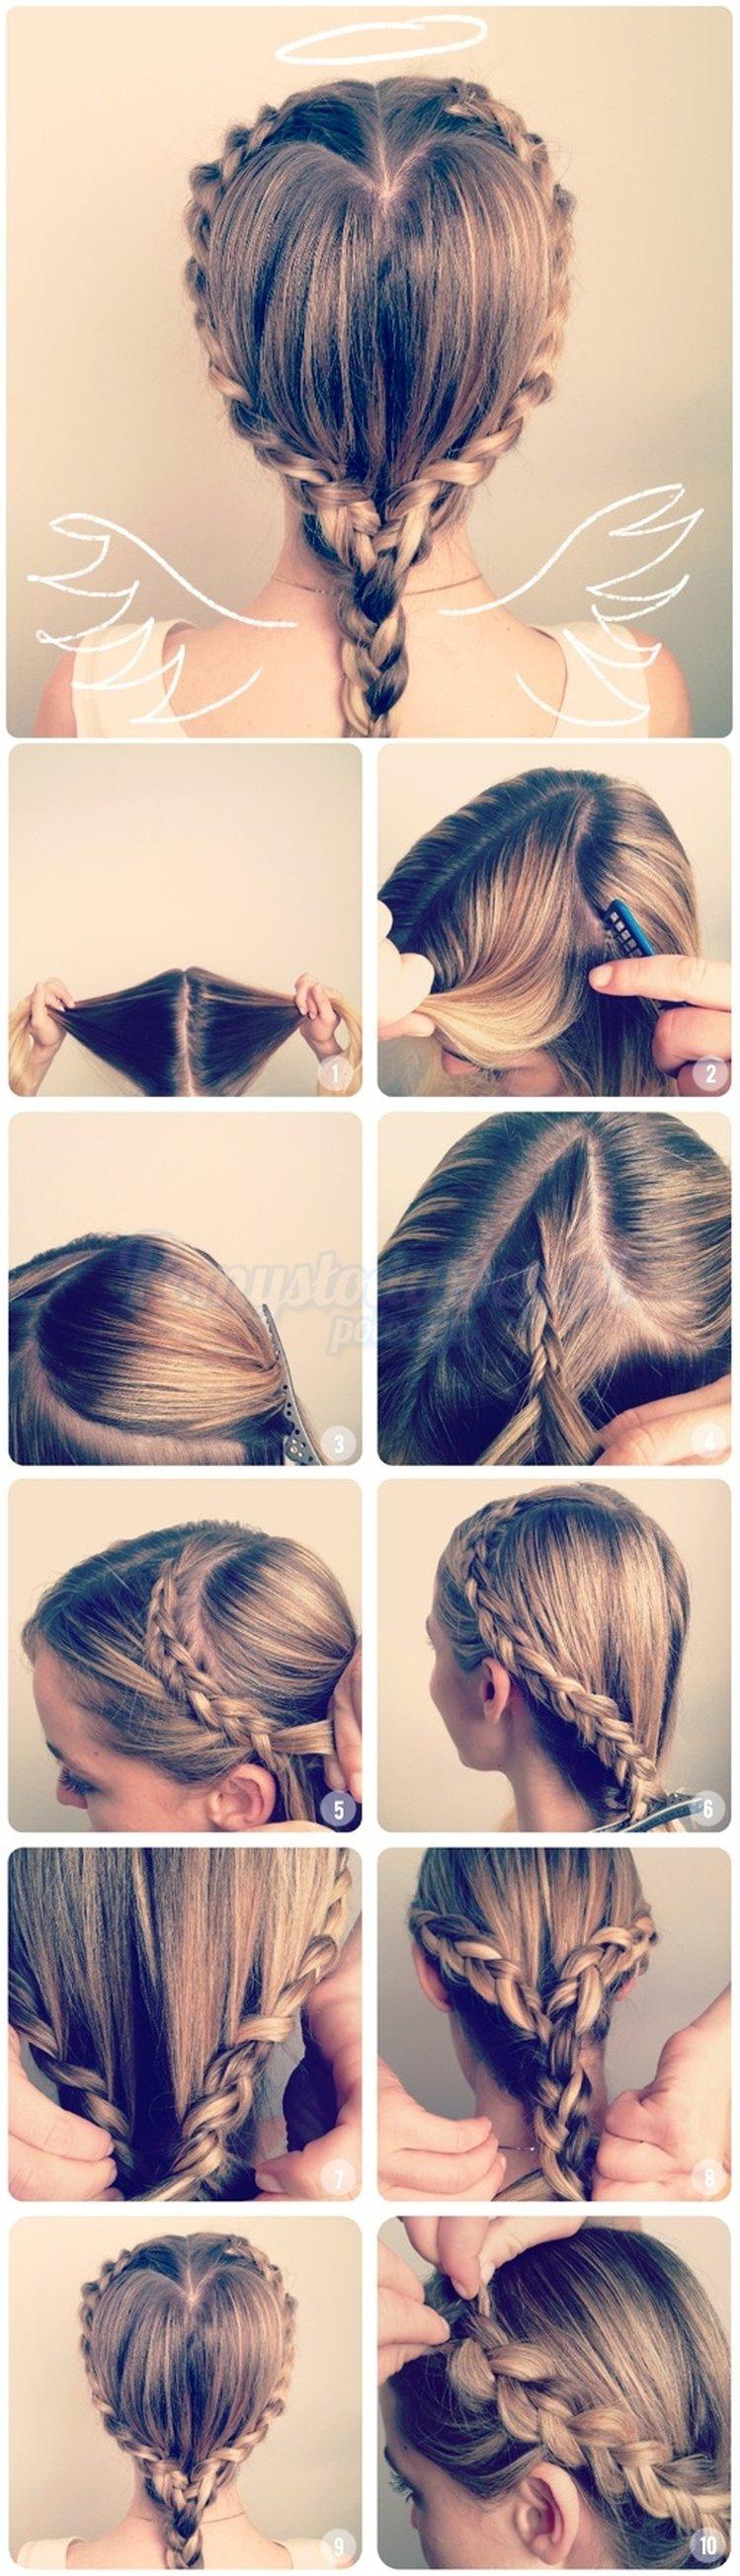 Быстрые прически для девочек в школу на длинные волосы красивые